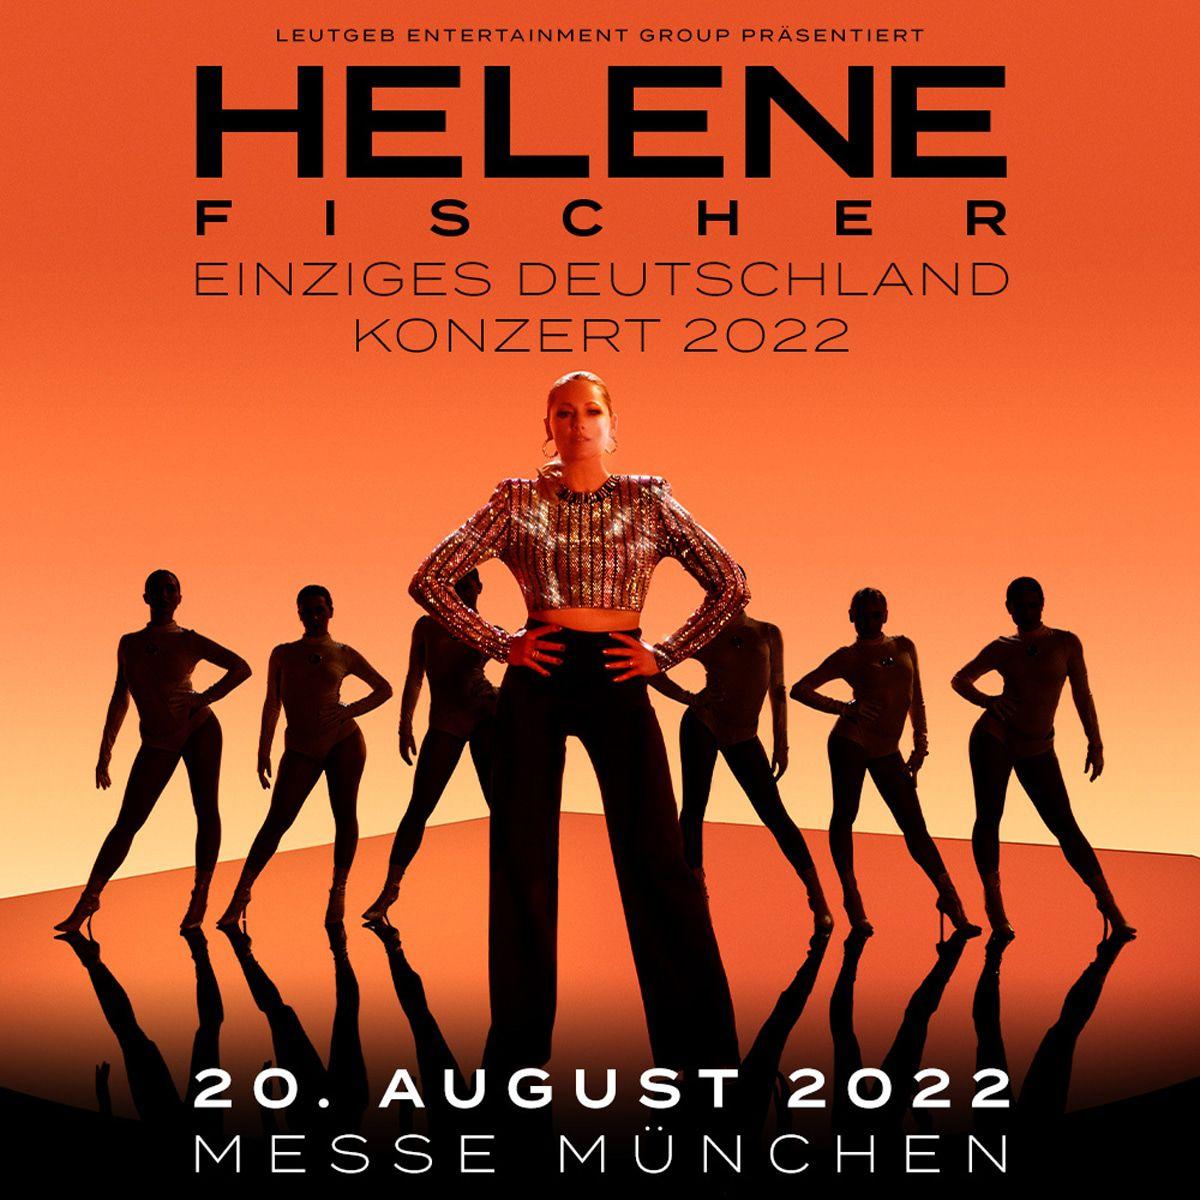 Helene Fischer mit riesigem Open Air: Einzige Show 2022 in Deutschland